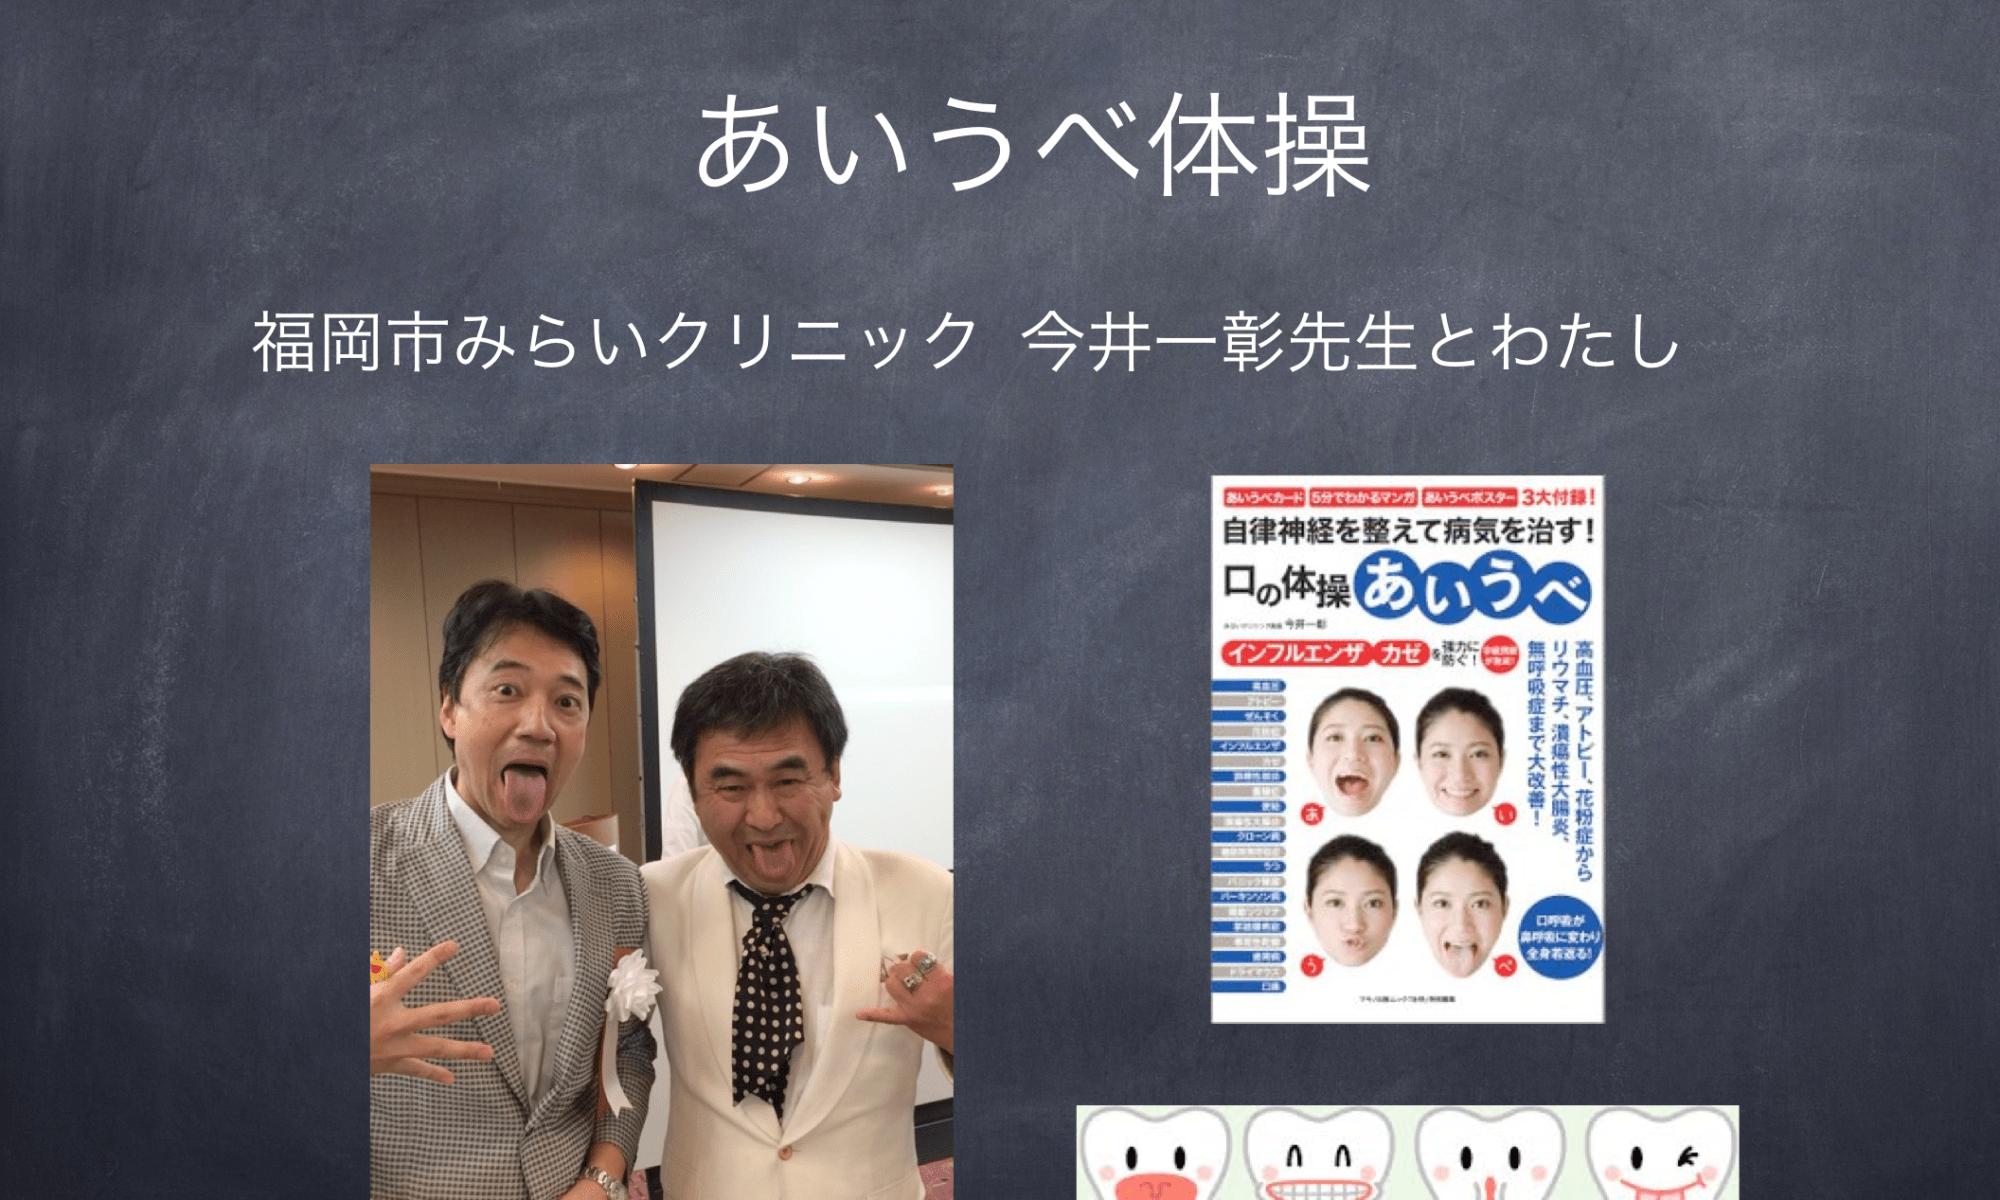 今井一彰先生とわたし